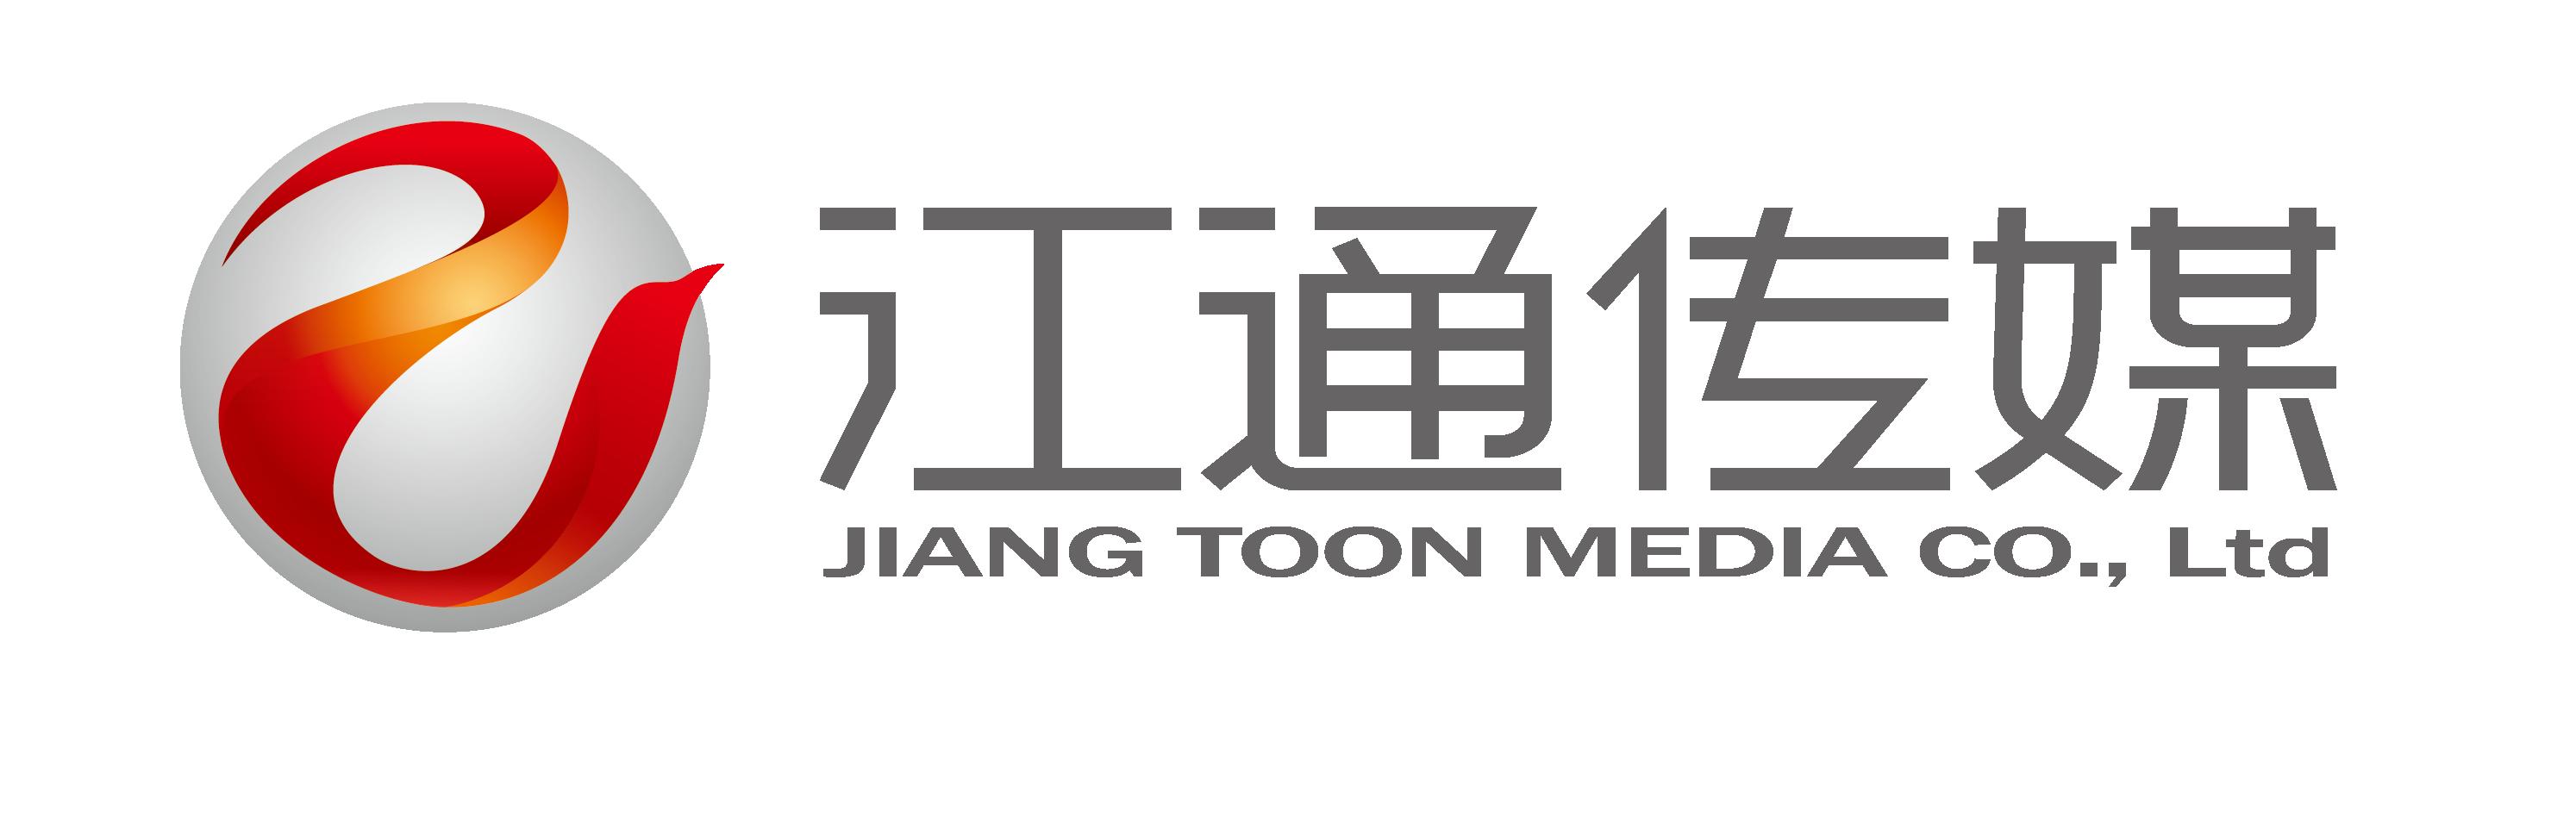 武汉江通动画传媒股份有限公司